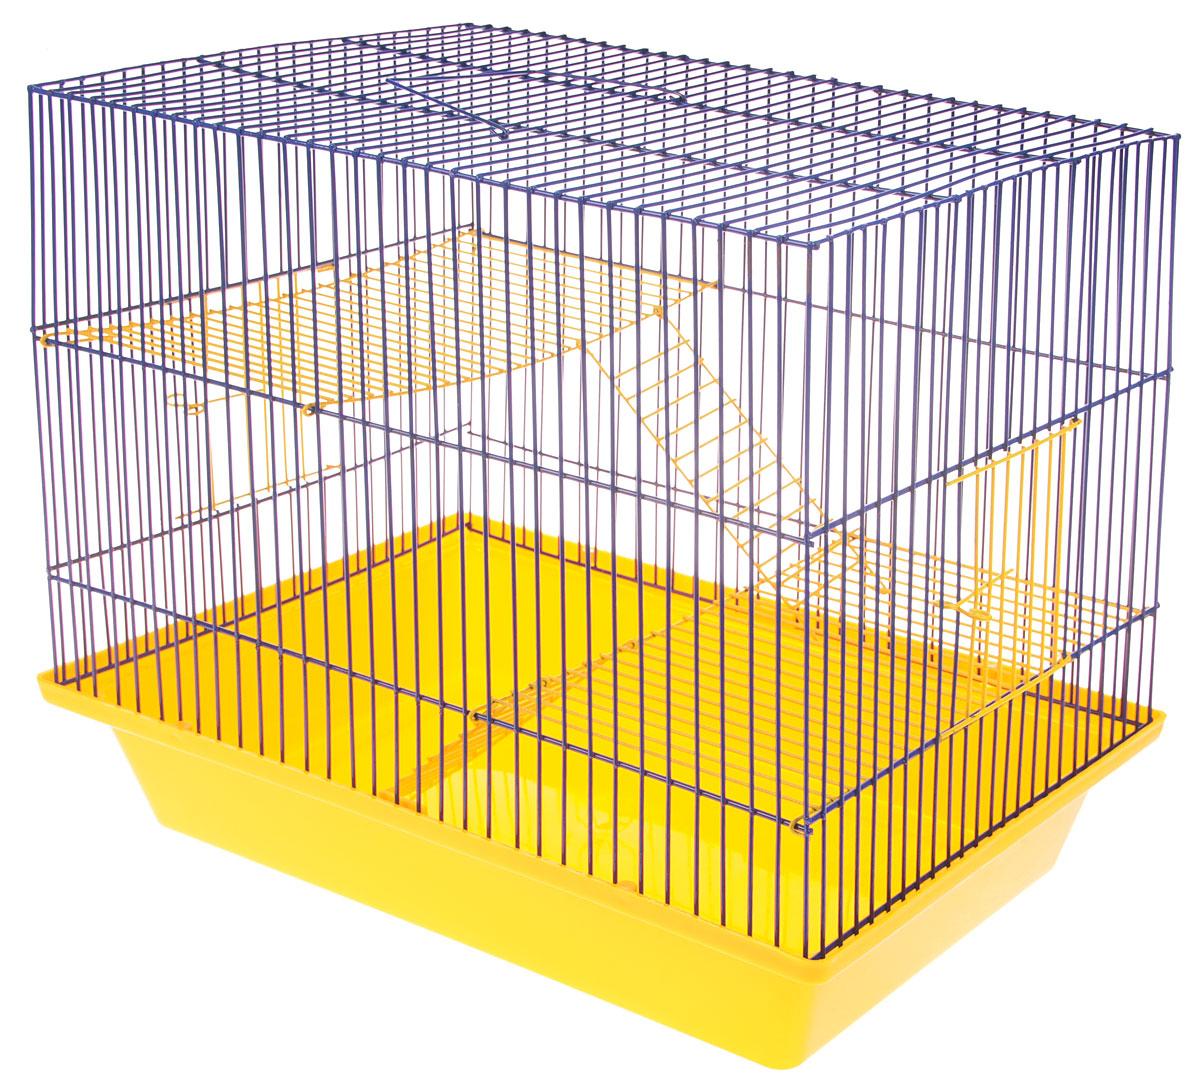 Клетка для грызунов ЗооМарк Гризли, 3-этажная, цвет: желтый поддон, синяя решетка, желтые этажи, 41 х 30 х 36 см. 230ж230ж_желтый, синийКлетка ЗооМарк Гризли, выполненная из полипропилена и металла, подходит для мелких грызунов. Изделие трехэтажное. Клетка имеет яркий поддон, удобна в использовании и легко чистится. Сверху имеется ручка для переноски. Такая клетка станет уединенным личным пространством и уютным домиком для маленького грызуна.